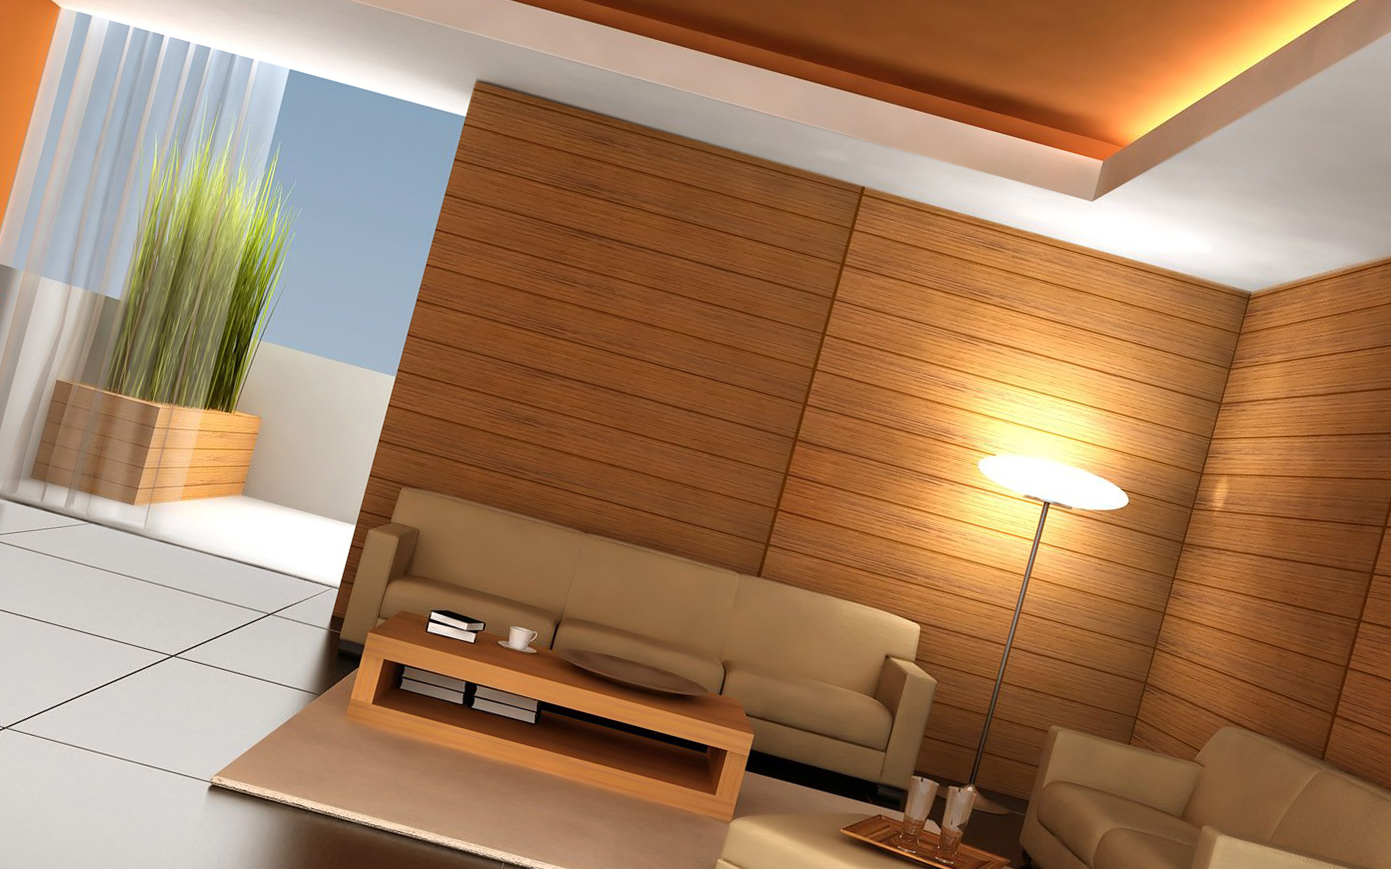 Технология монтажа двухуровневых натяжных потолков